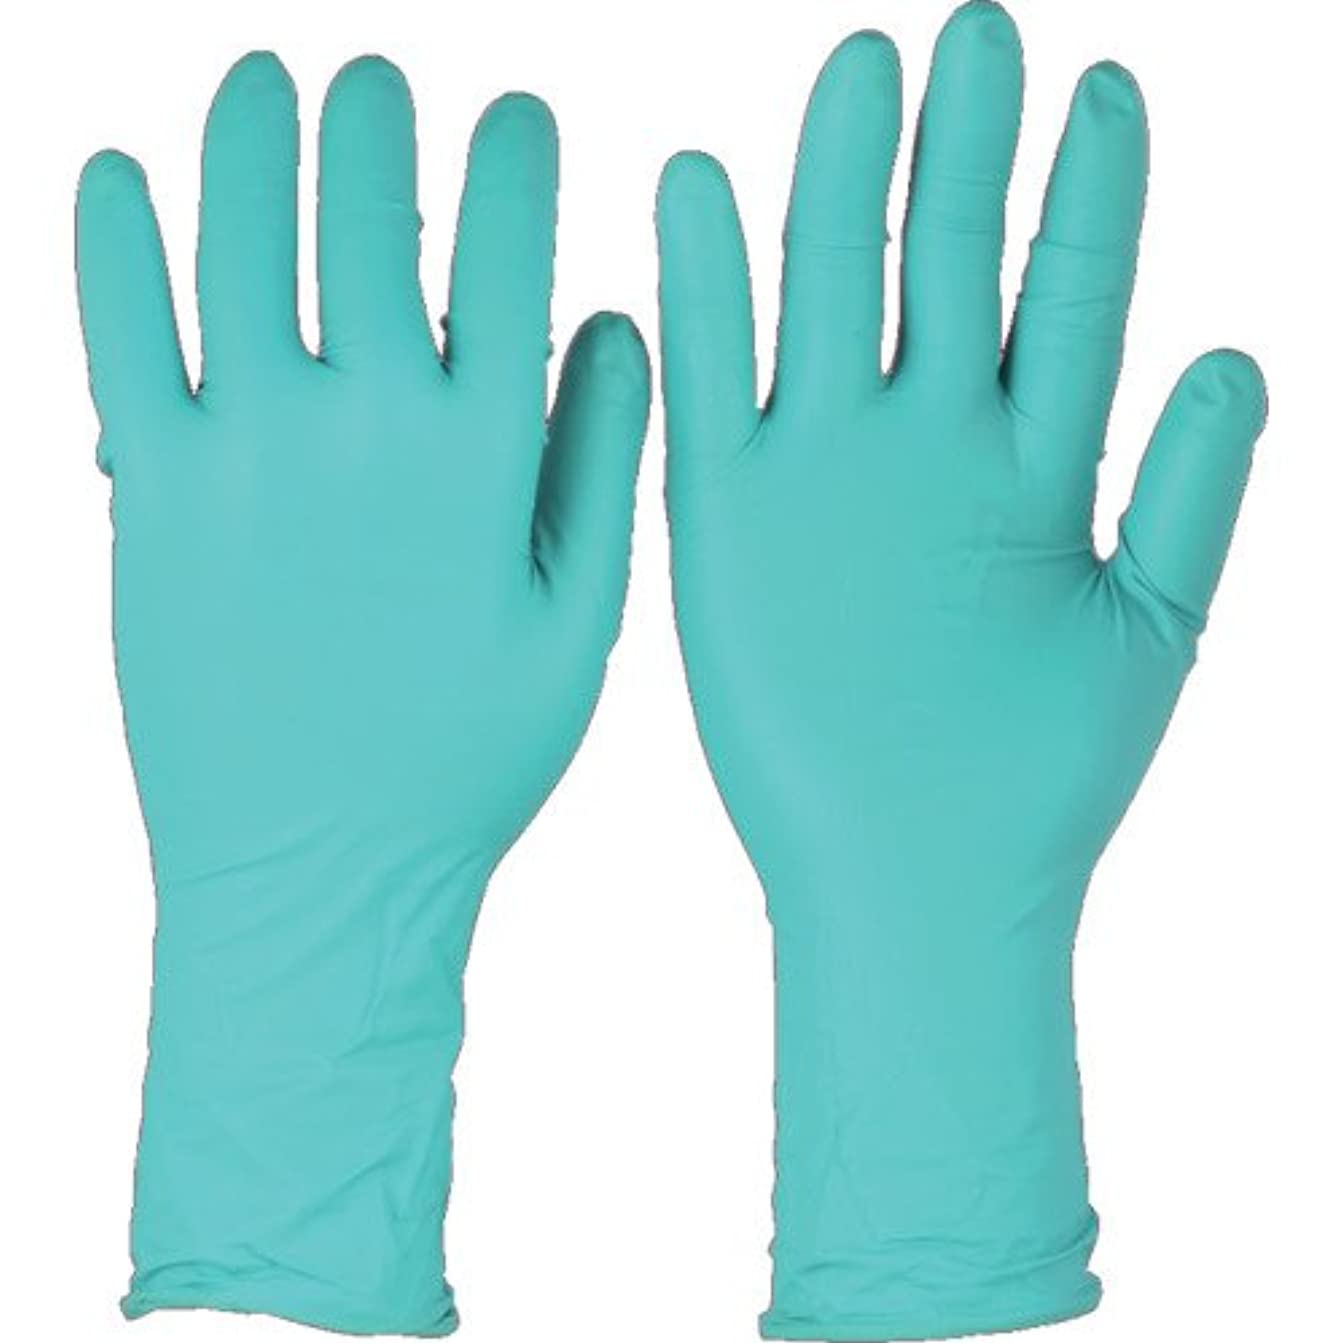 富豪うなずくシャンパントラスコ中山 アンセル ネオプレンゴム使い捨て手袋 マイクロフレックス 93-260 Sサイズ (50枚入)  932607